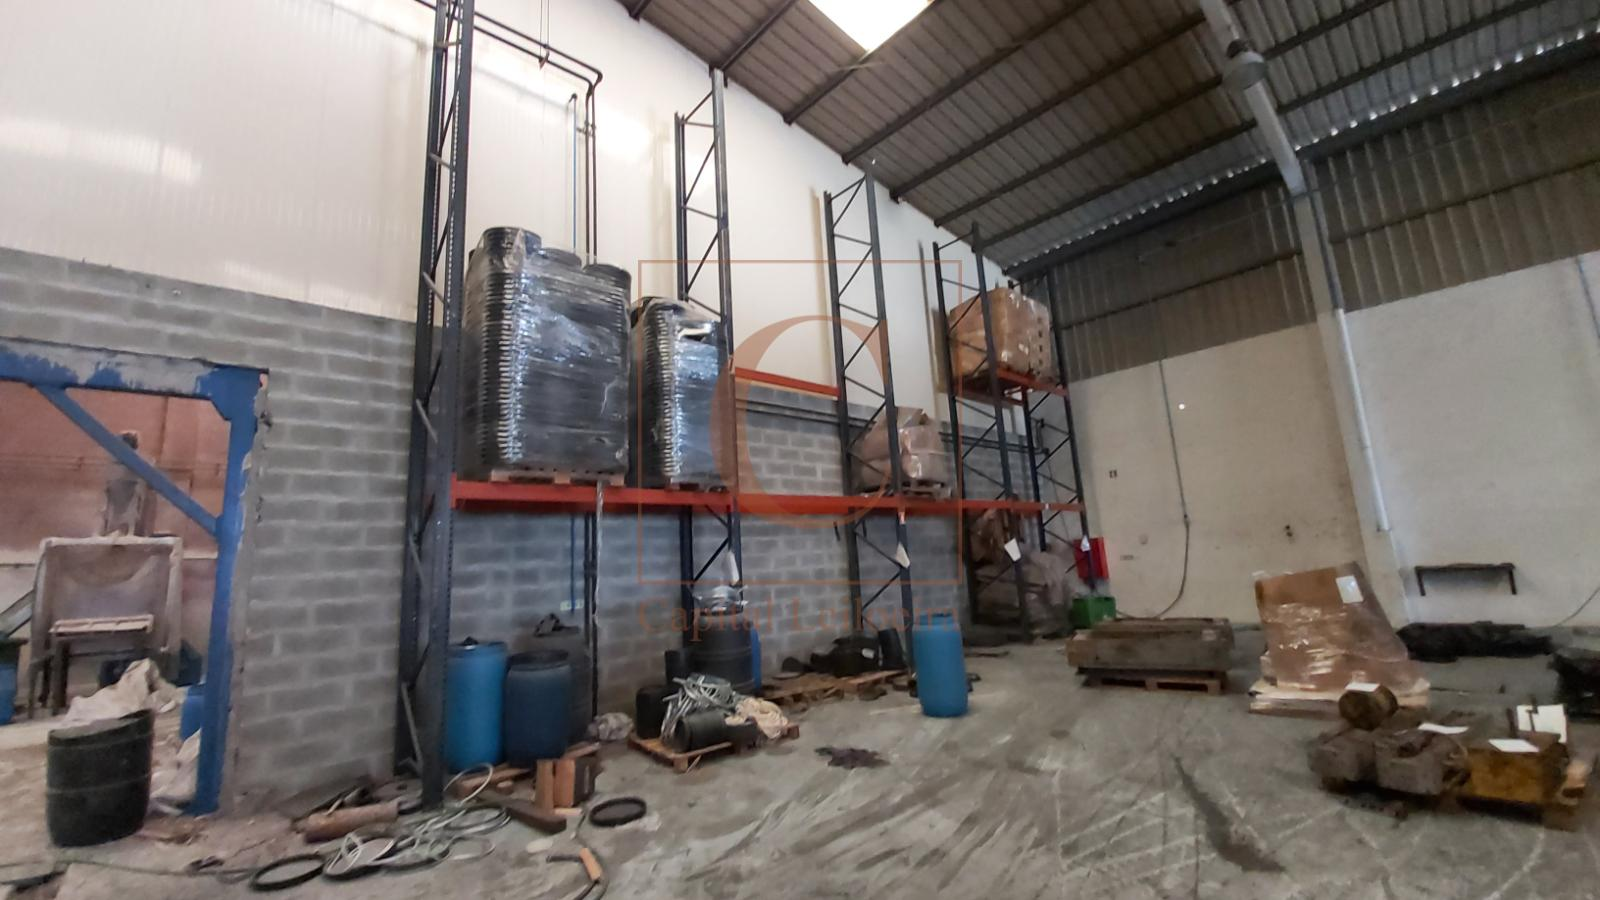 LOTE 4   Estantaria e Diversos   Indústria de Plásticos